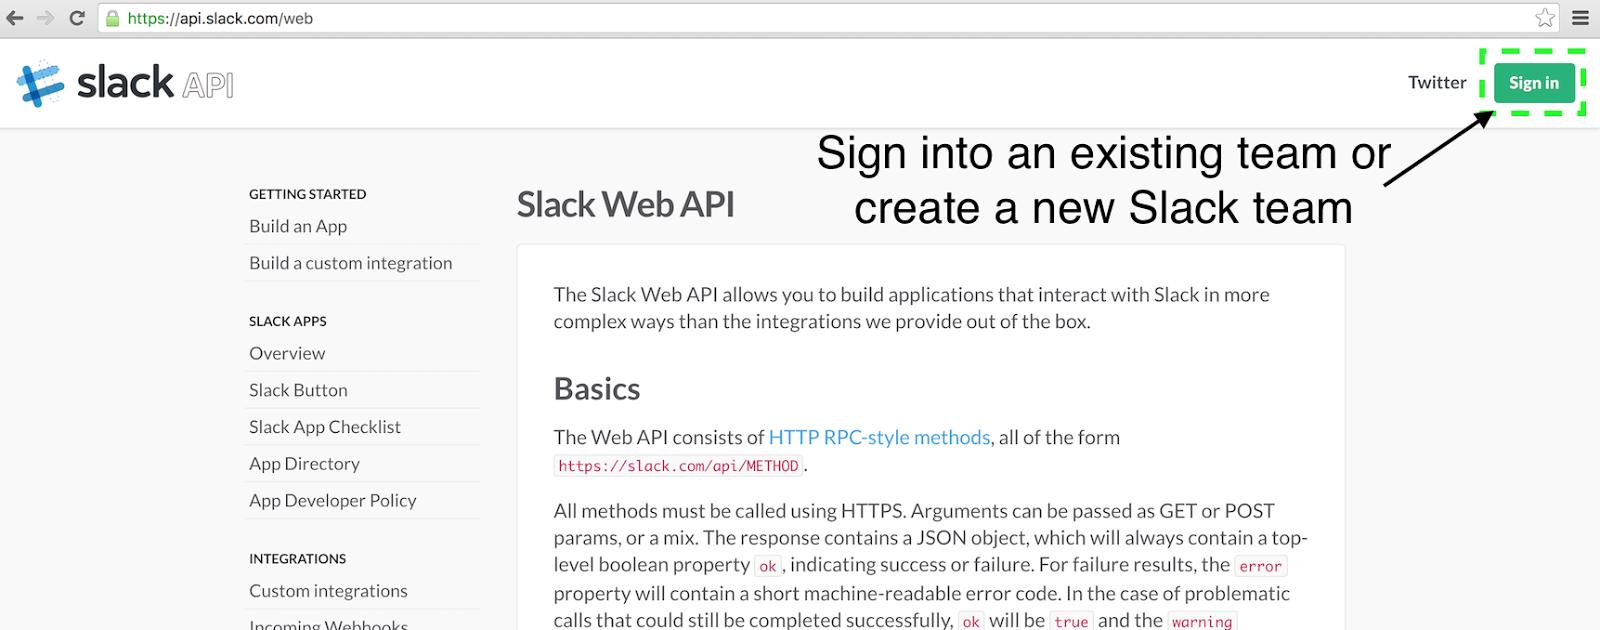 使用 Web API页面的右上角登录按钮